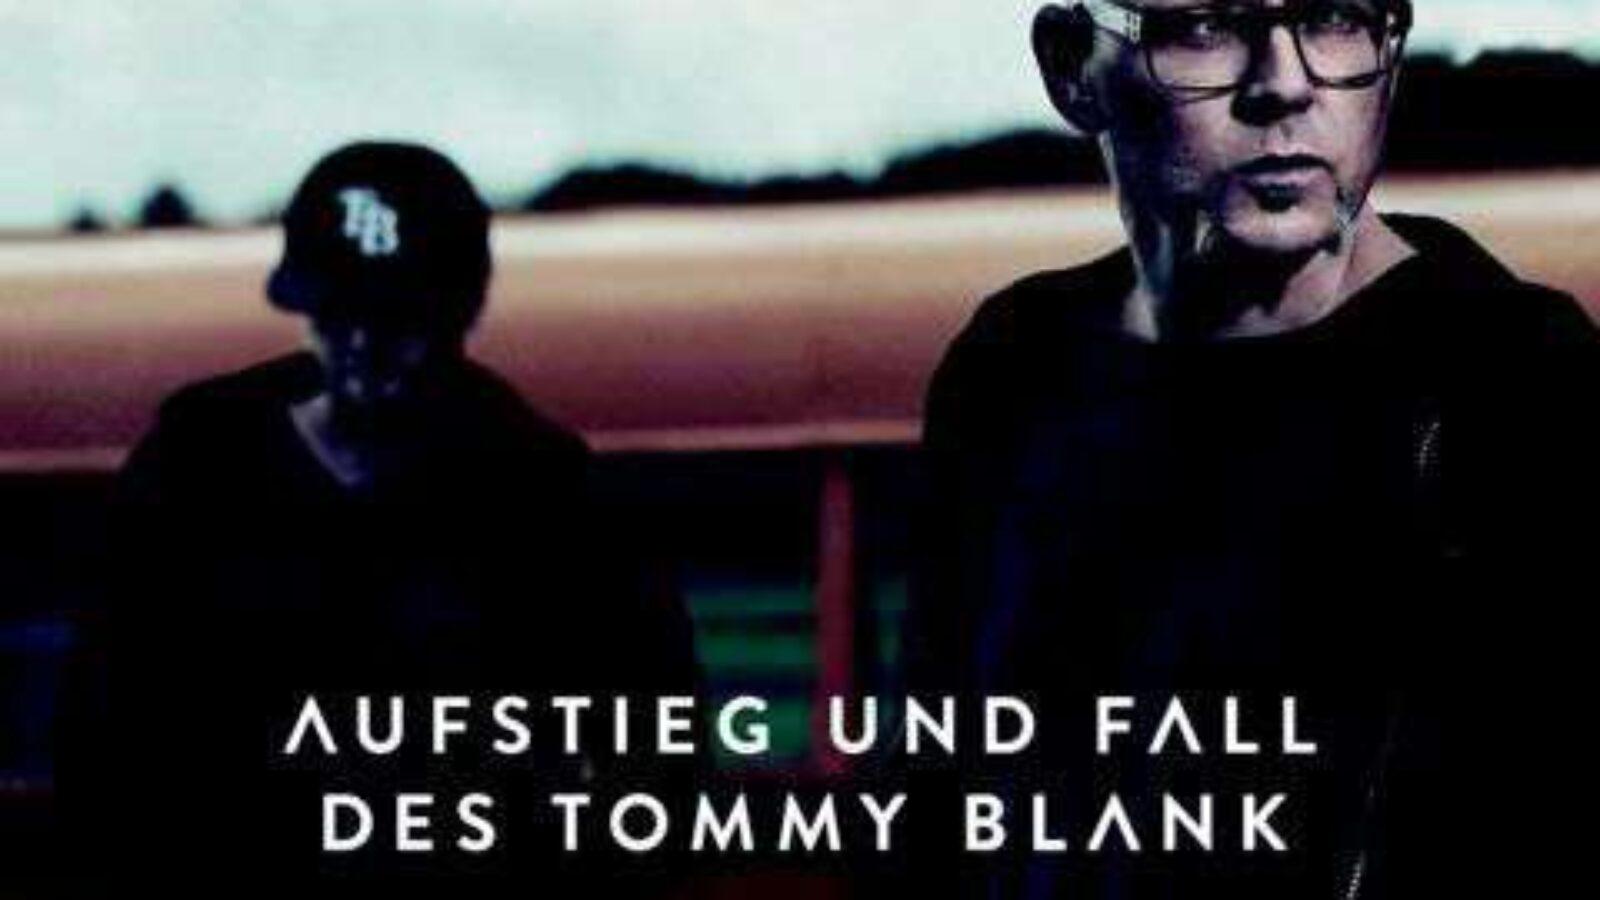 THOMAS D. Aufstieg Und Fall Des Tommy Blank